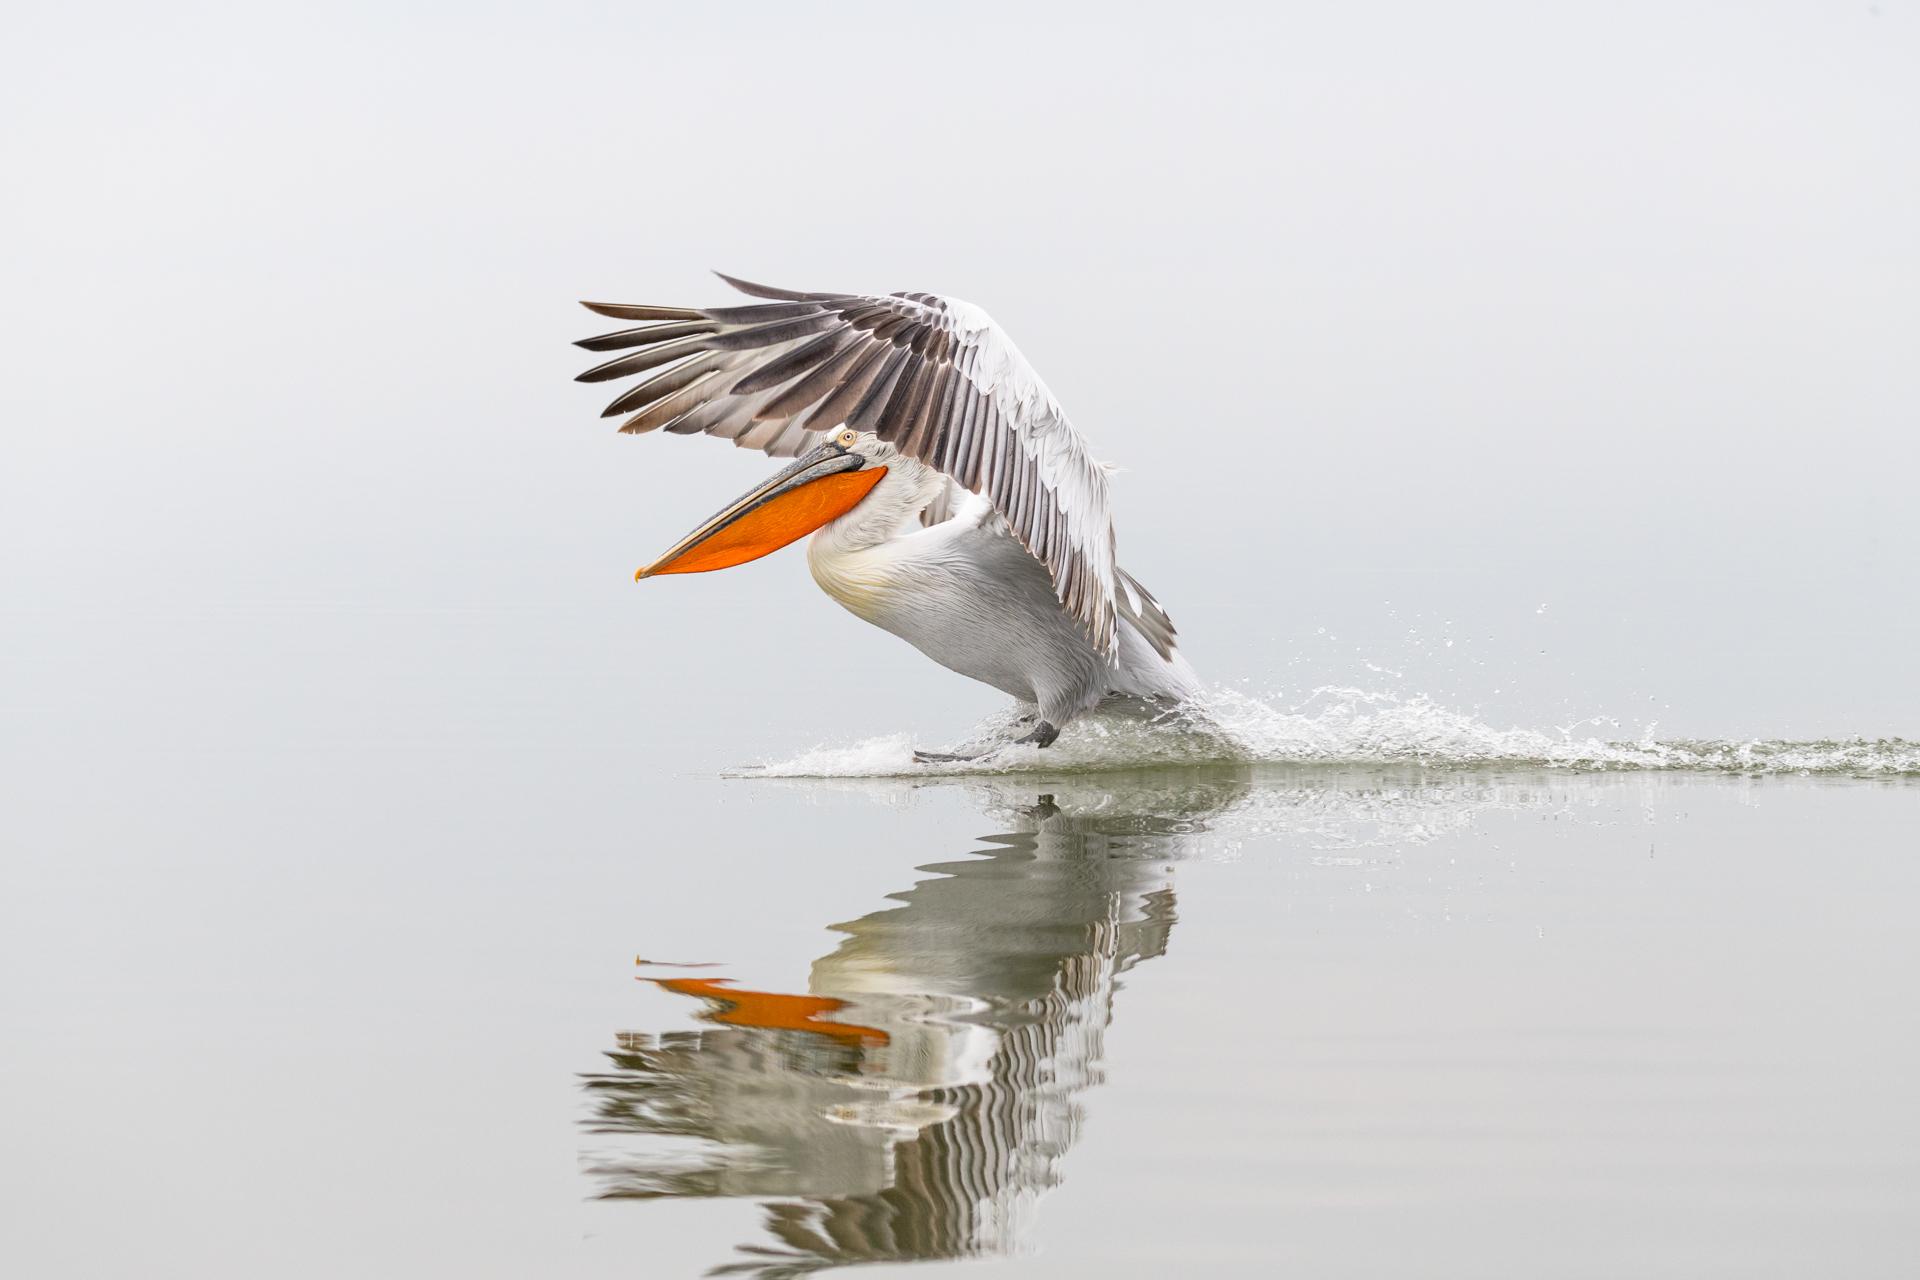 Pelikany kędzierzawe / Dalmatian pelicans, Kerkini Lake 2018 - 35